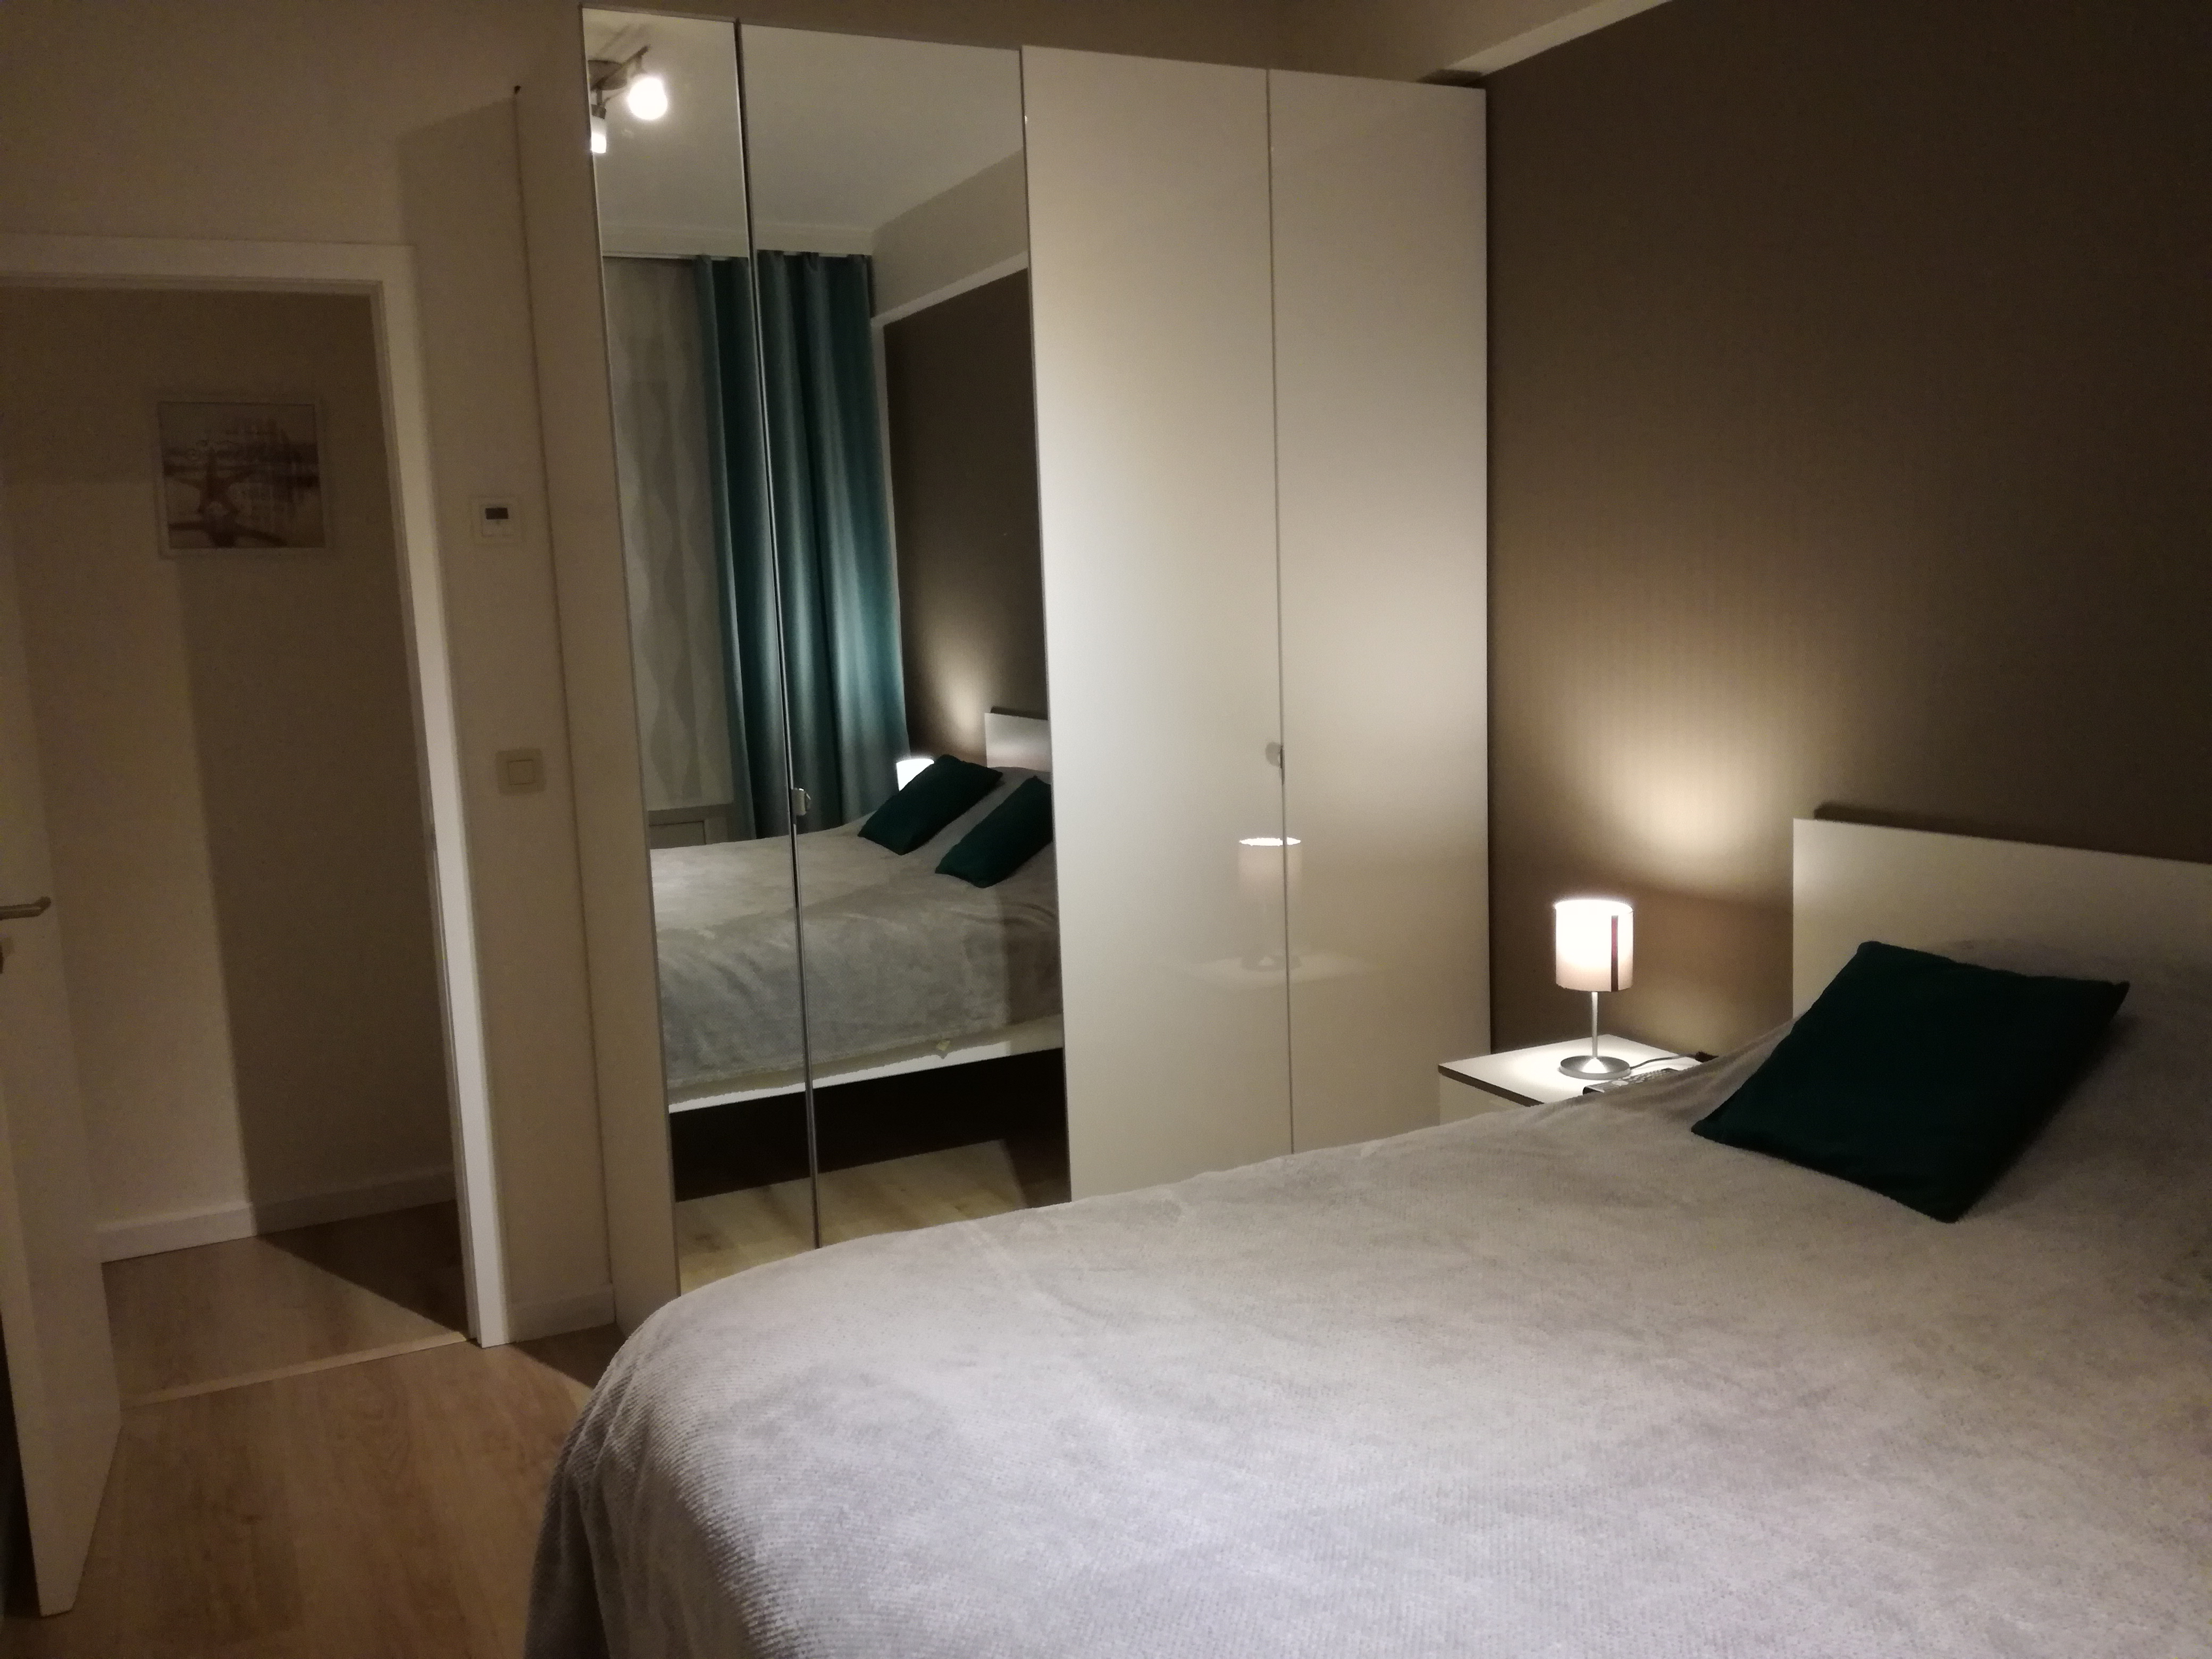 Slaapkamer met dubbelbed